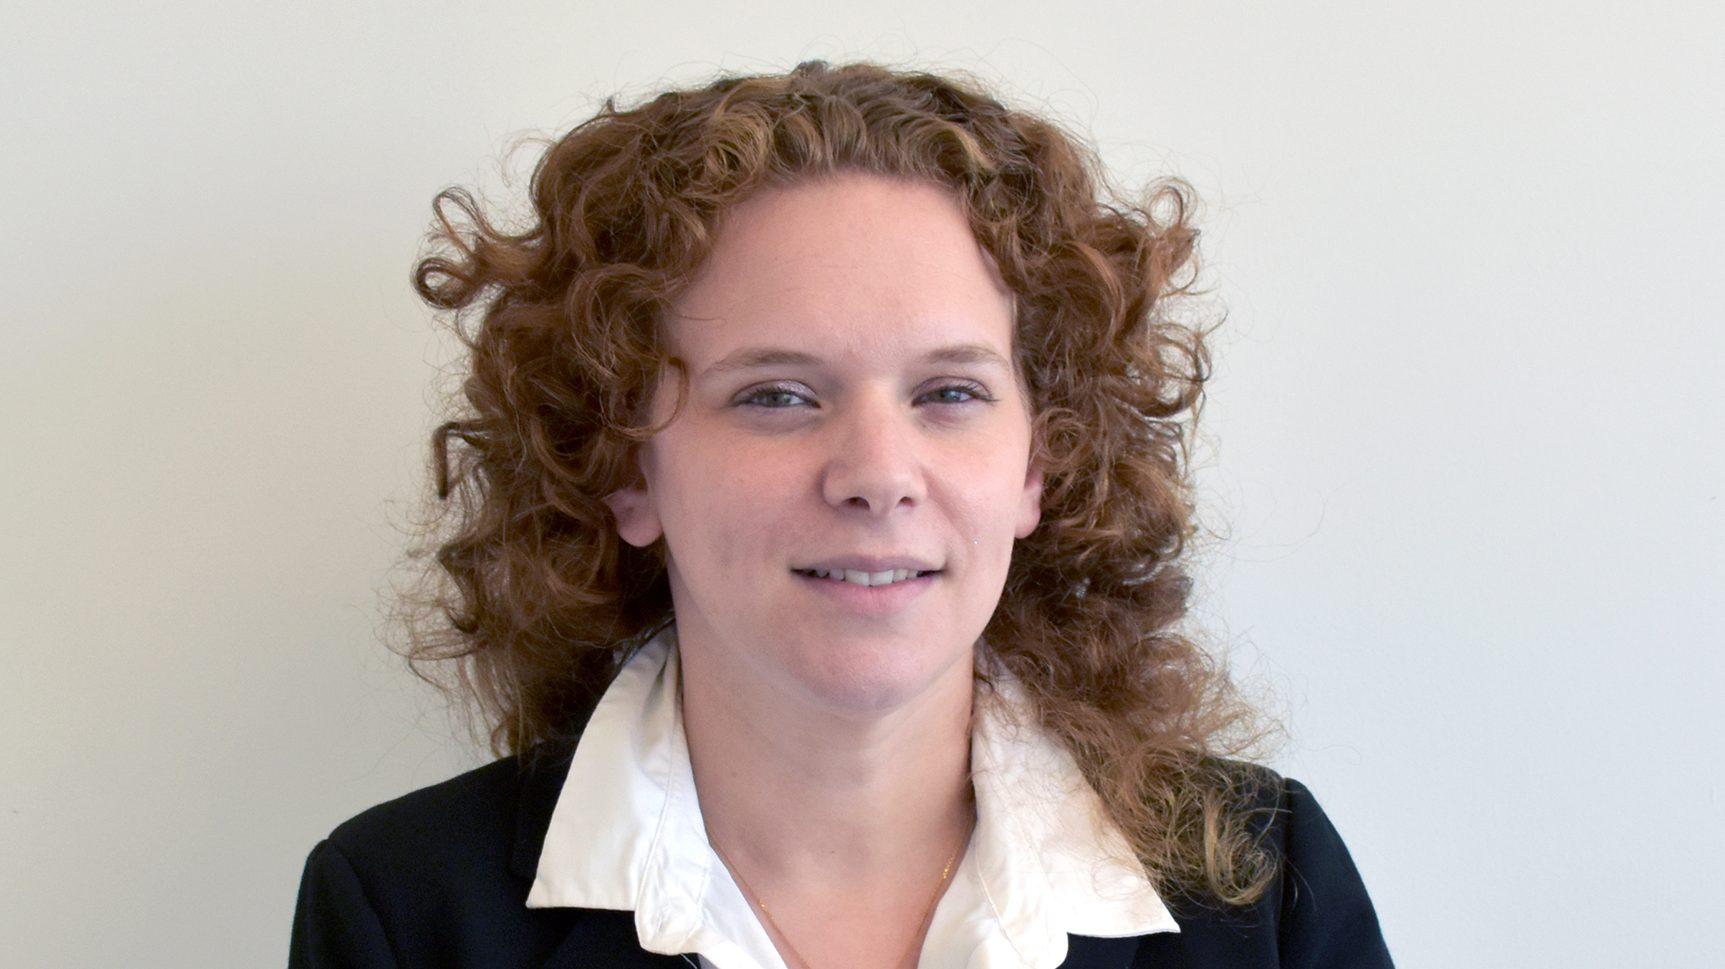 """עו""""ד לי-היא ברגרפרוינד מונתה ליועצת המשפטית של פסגות גמל ופנסיה"""